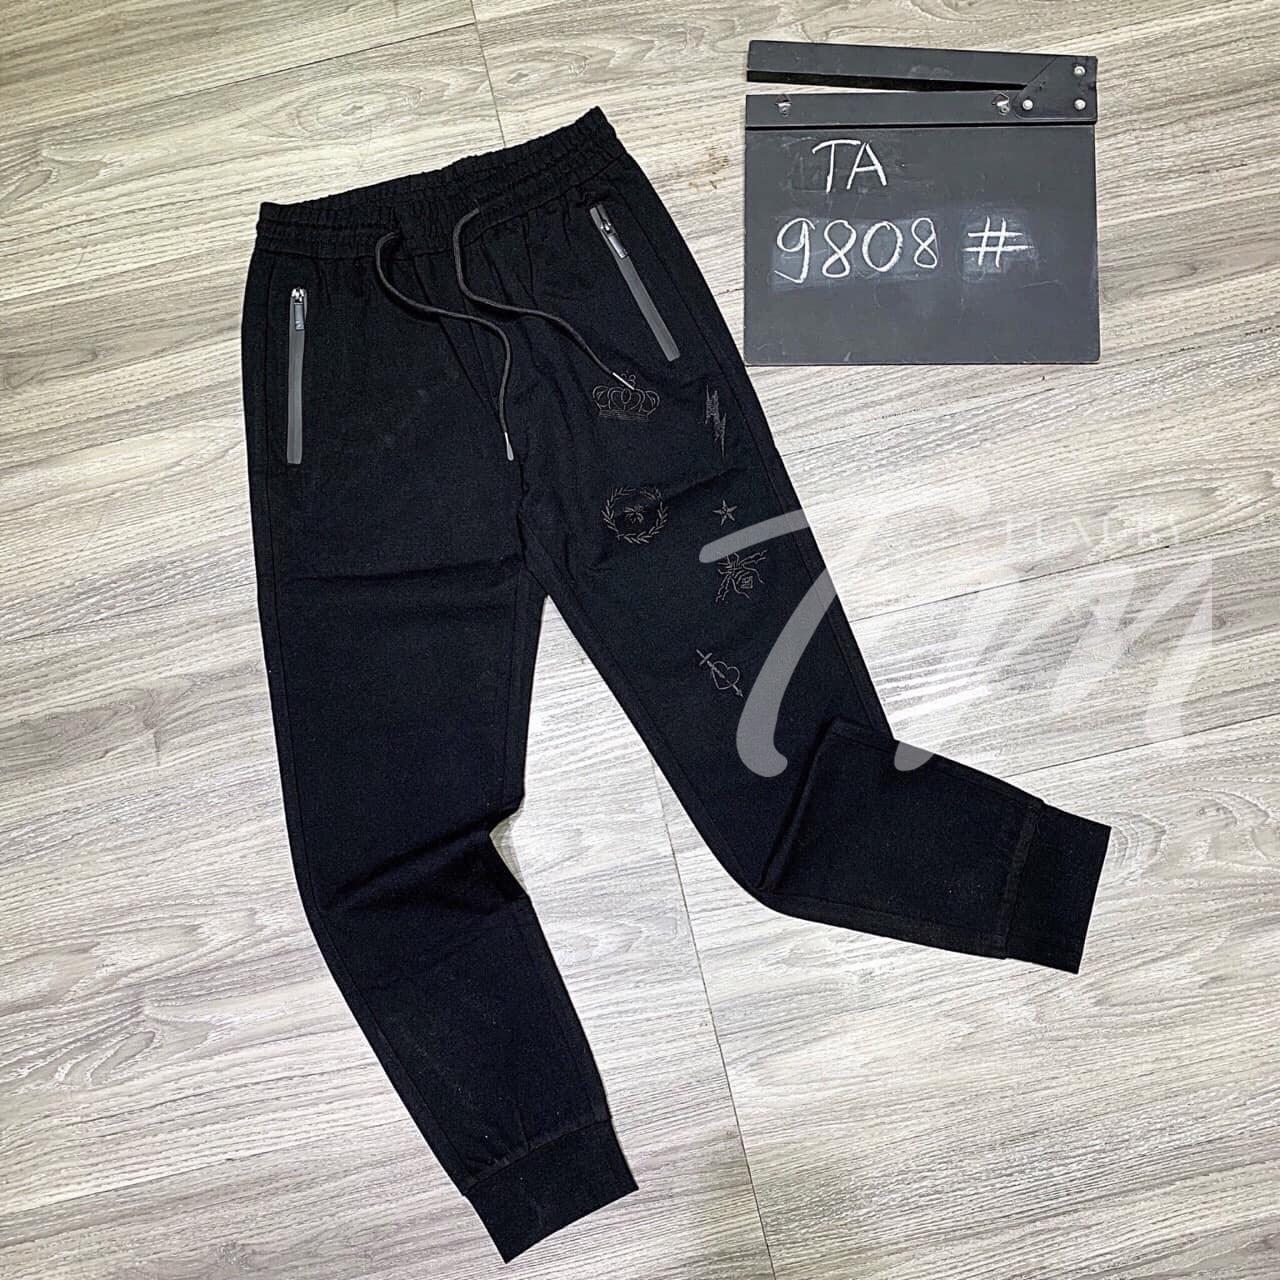 Dây rút & họa tiết đẹp của quần jogger đen nam